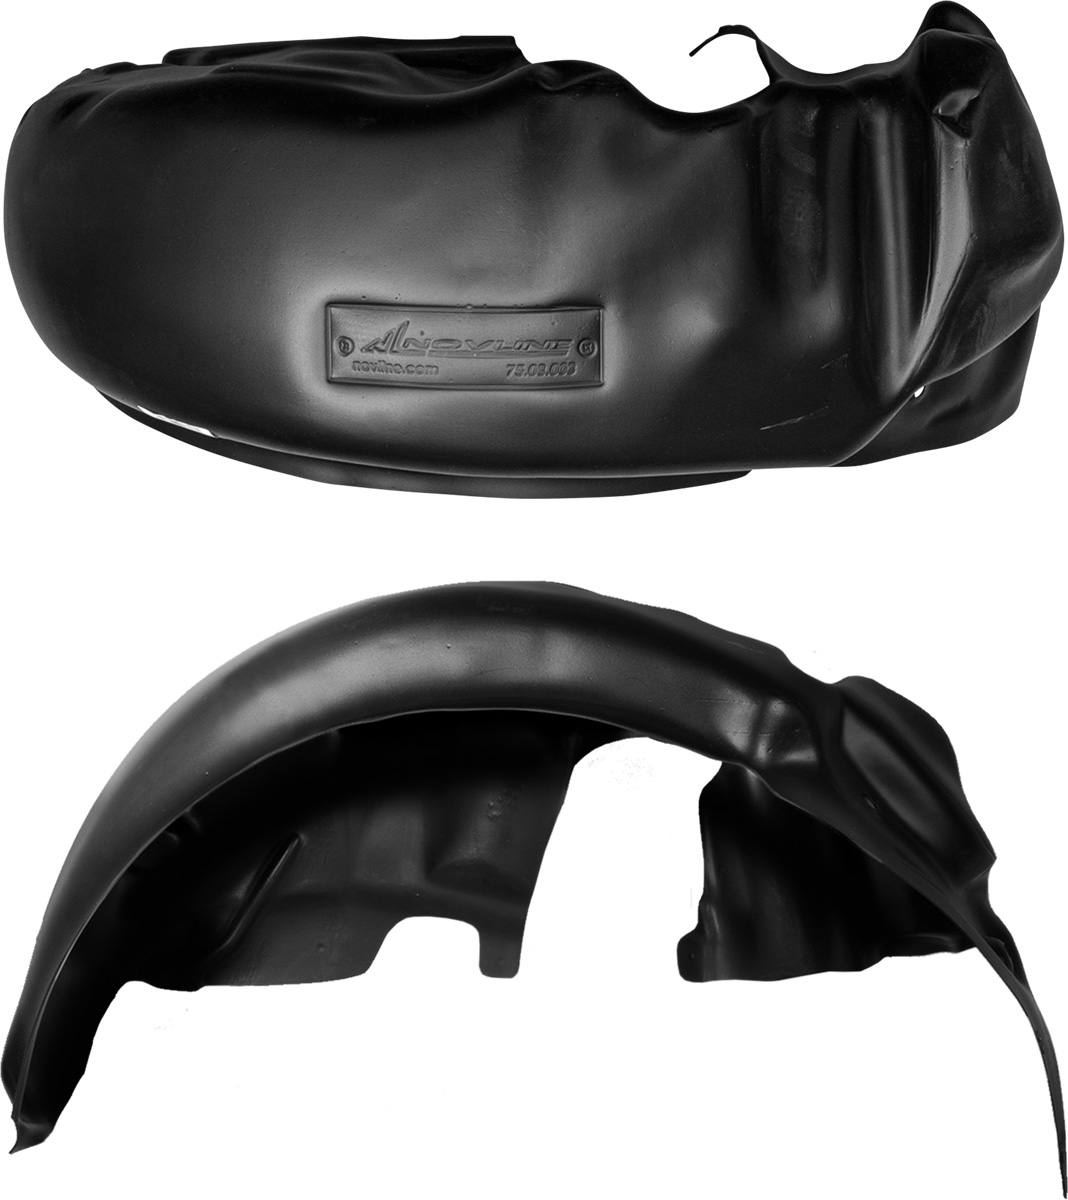 Подкрылок RENAULT Sandero, 01/2014->, задний правыйNLL.41.35.004Колесные ниши – одни из самых уязвимых зон днища вашего автомобиля. Они постоянно подвергаются воздействию со стороны дороги. Лучшая, почти абсолютная защита для них - специально отформованные пластиковые кожухи, которые называются подкрылками, или локерами. Производятся они как для отечественных моделей автомобилей, так и для иномарок. Подкрылки выполнены из высококачественного, экологически чистого пластика. Обеспечивают надежную защиту кузова автомобиля от пескоструйного эффекта и негативного влияния, агрессивных антигололедных реагентов. Пластик обладает более низкой теплопроводностью, чем металл, поэтому в зимний период эксплуатации использование пластиковых подкрылков позволяет лучше защитить колесные ниши от налипания снега и образования наледи. Оригинальность конструкции подчеркивает элегантность автомобиля, бережно защищает нанесенное на днище кузова антикоррозийное покрытие и позволяет осуществить крепление подкрылков внутри колесной арки практически без дополнительного крепежа и сверления, не нарушая при этом лакокрасочного покрытия, что предотвращает возникновение новых очагов коррозии. Технология крепления подкрылков на иномарки принципиально отличается от крепления на российские автомобили и разрабатывается индивидуально для каждой модели автомобиля. Подкрылки долговечны, обладают высокой прочностью и сохраняют заданную форму, а также все свои физико-механические характеристики в самых тяжелых климатических условиях ( от -50° С до + 50° С).